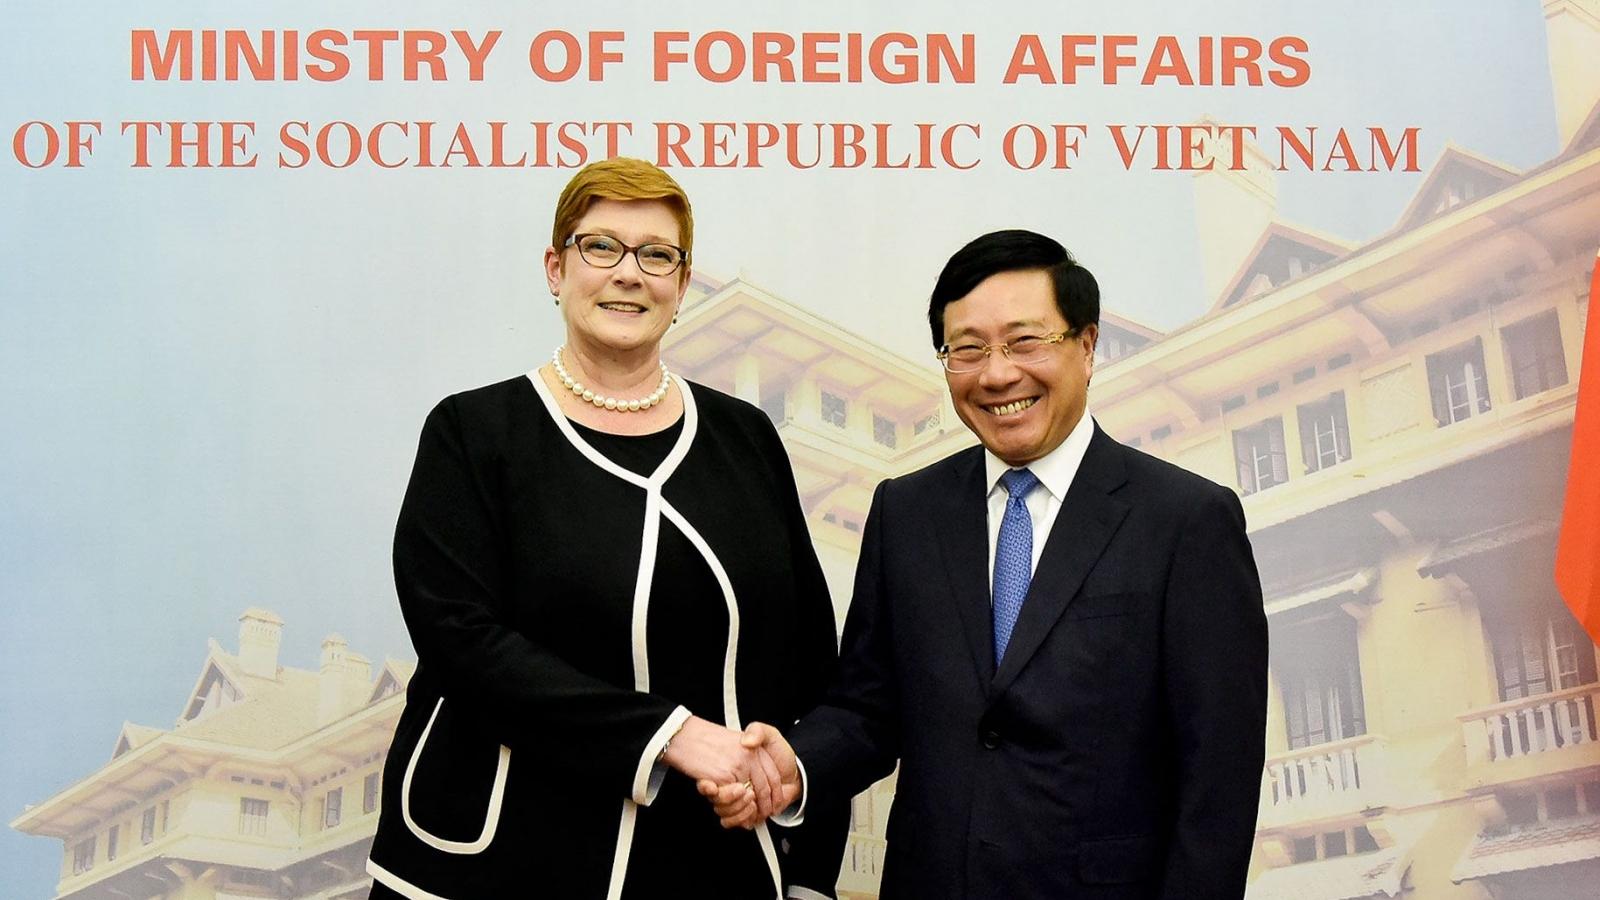 Australia luôn sát cánh và sẵn sàng hỗ trợ Việt Nam